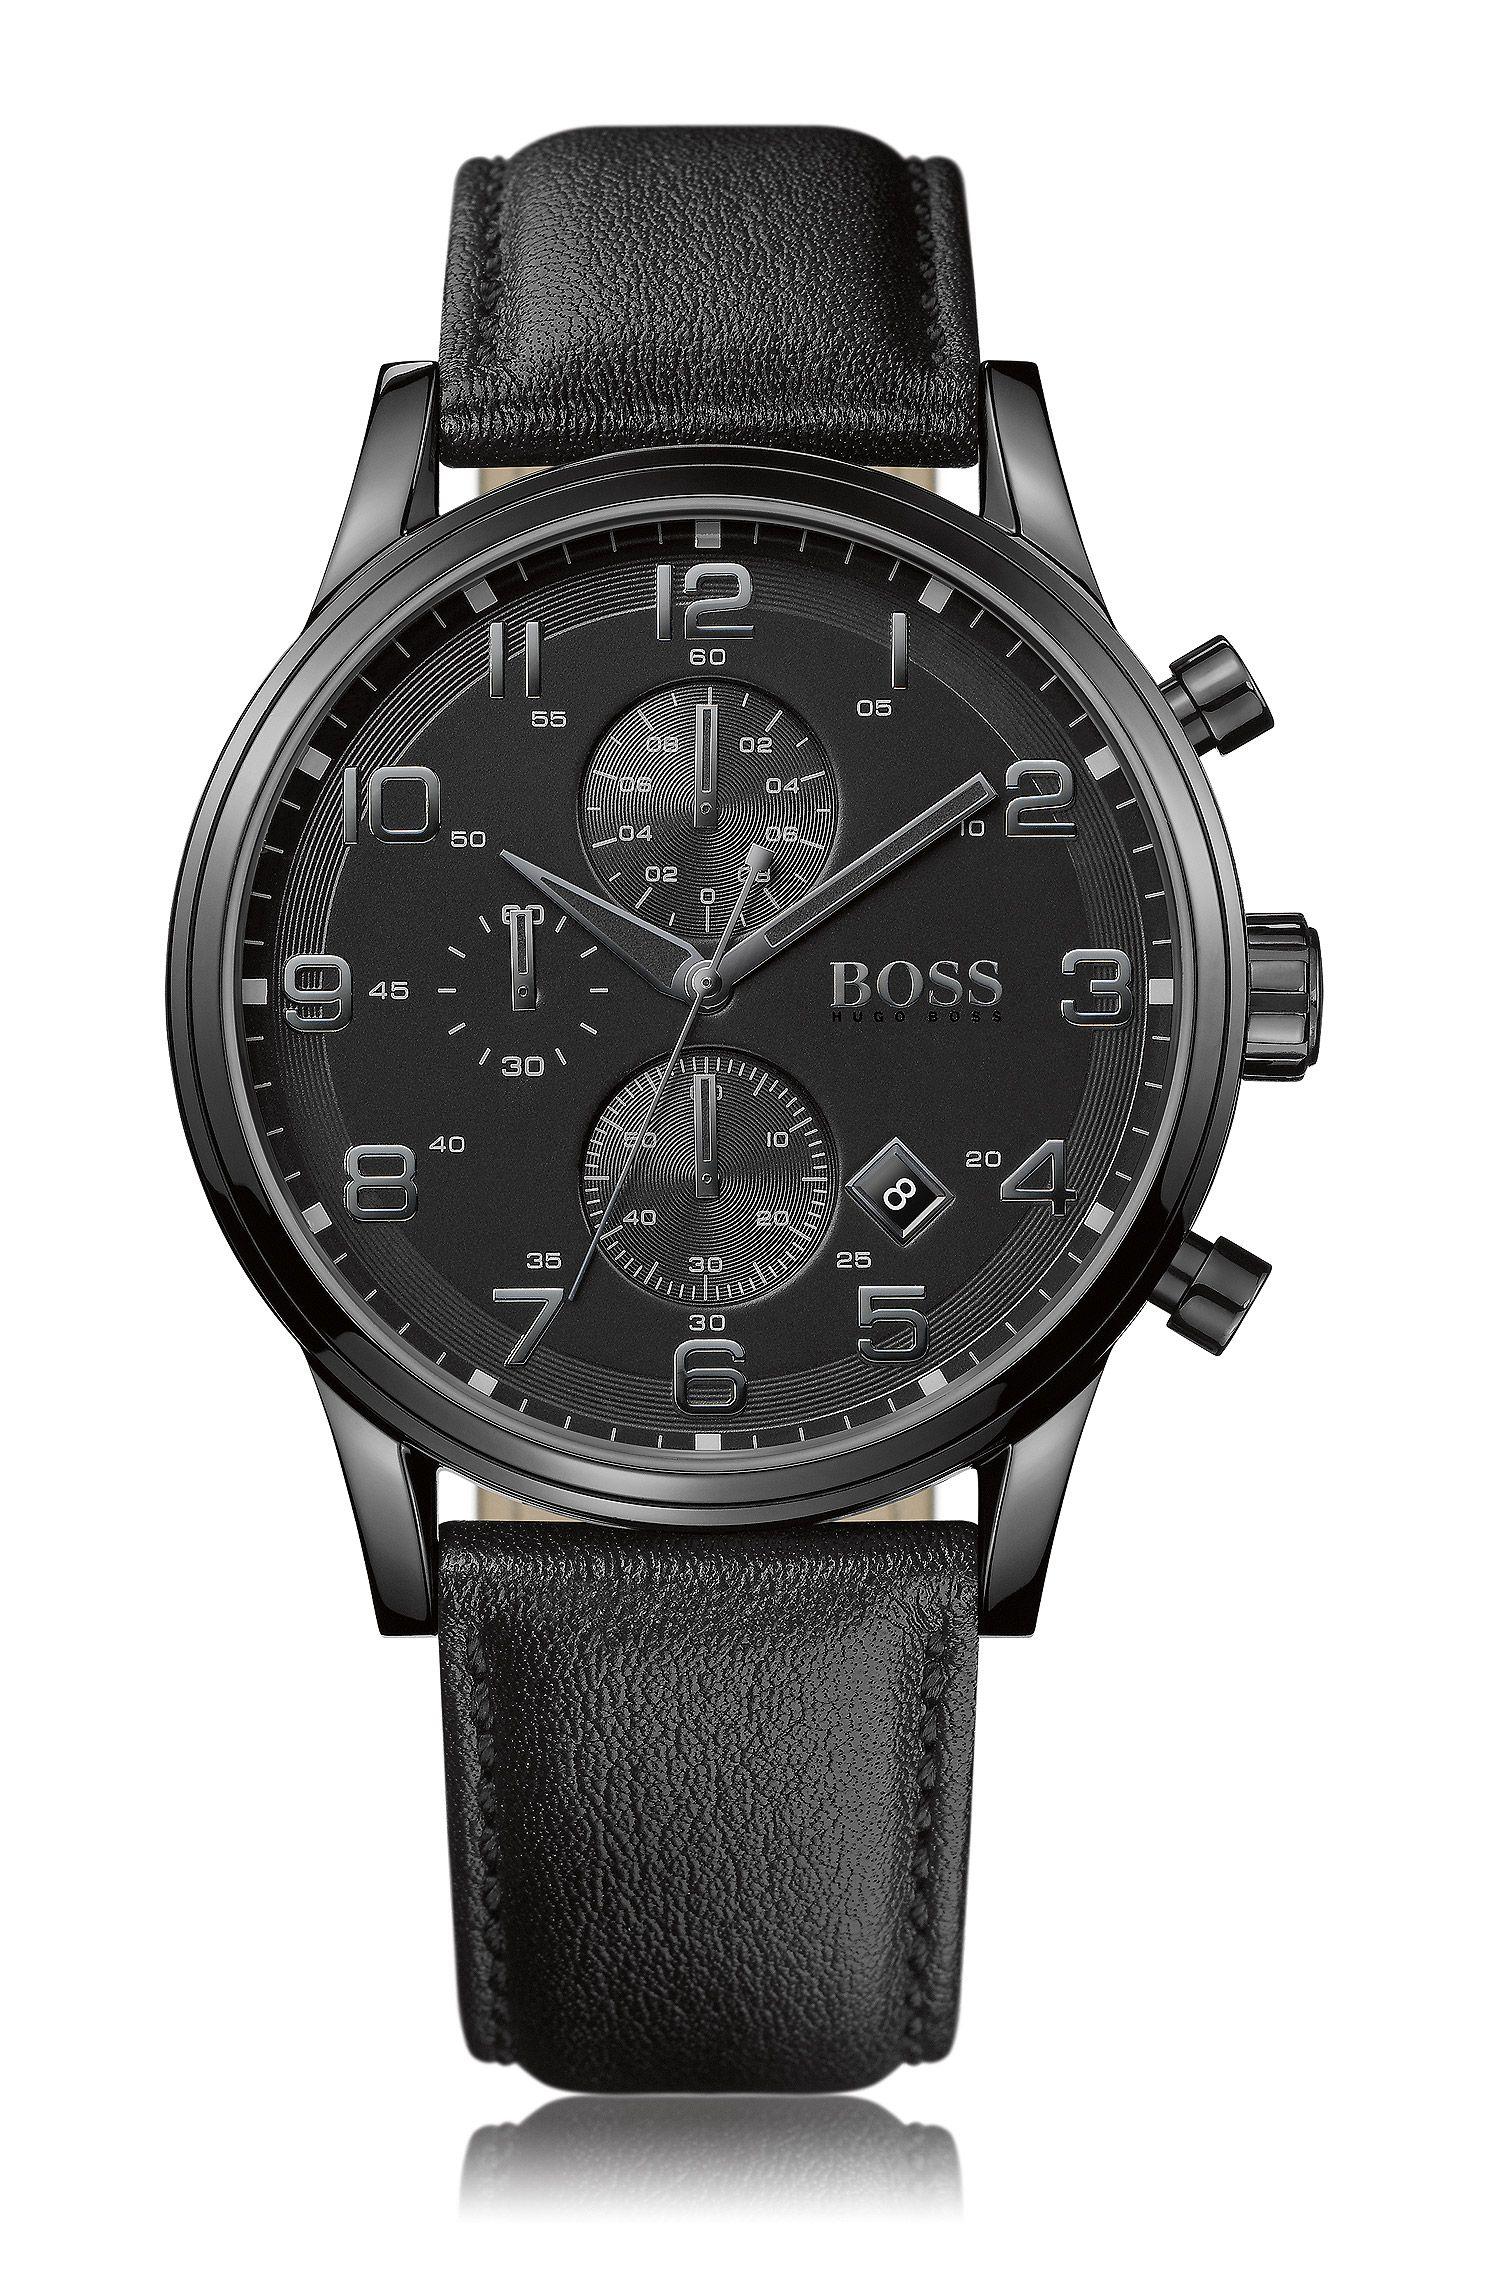 Montre chronographe à deux sous-cadrans en acier inoxydable noirci, à cadran noir